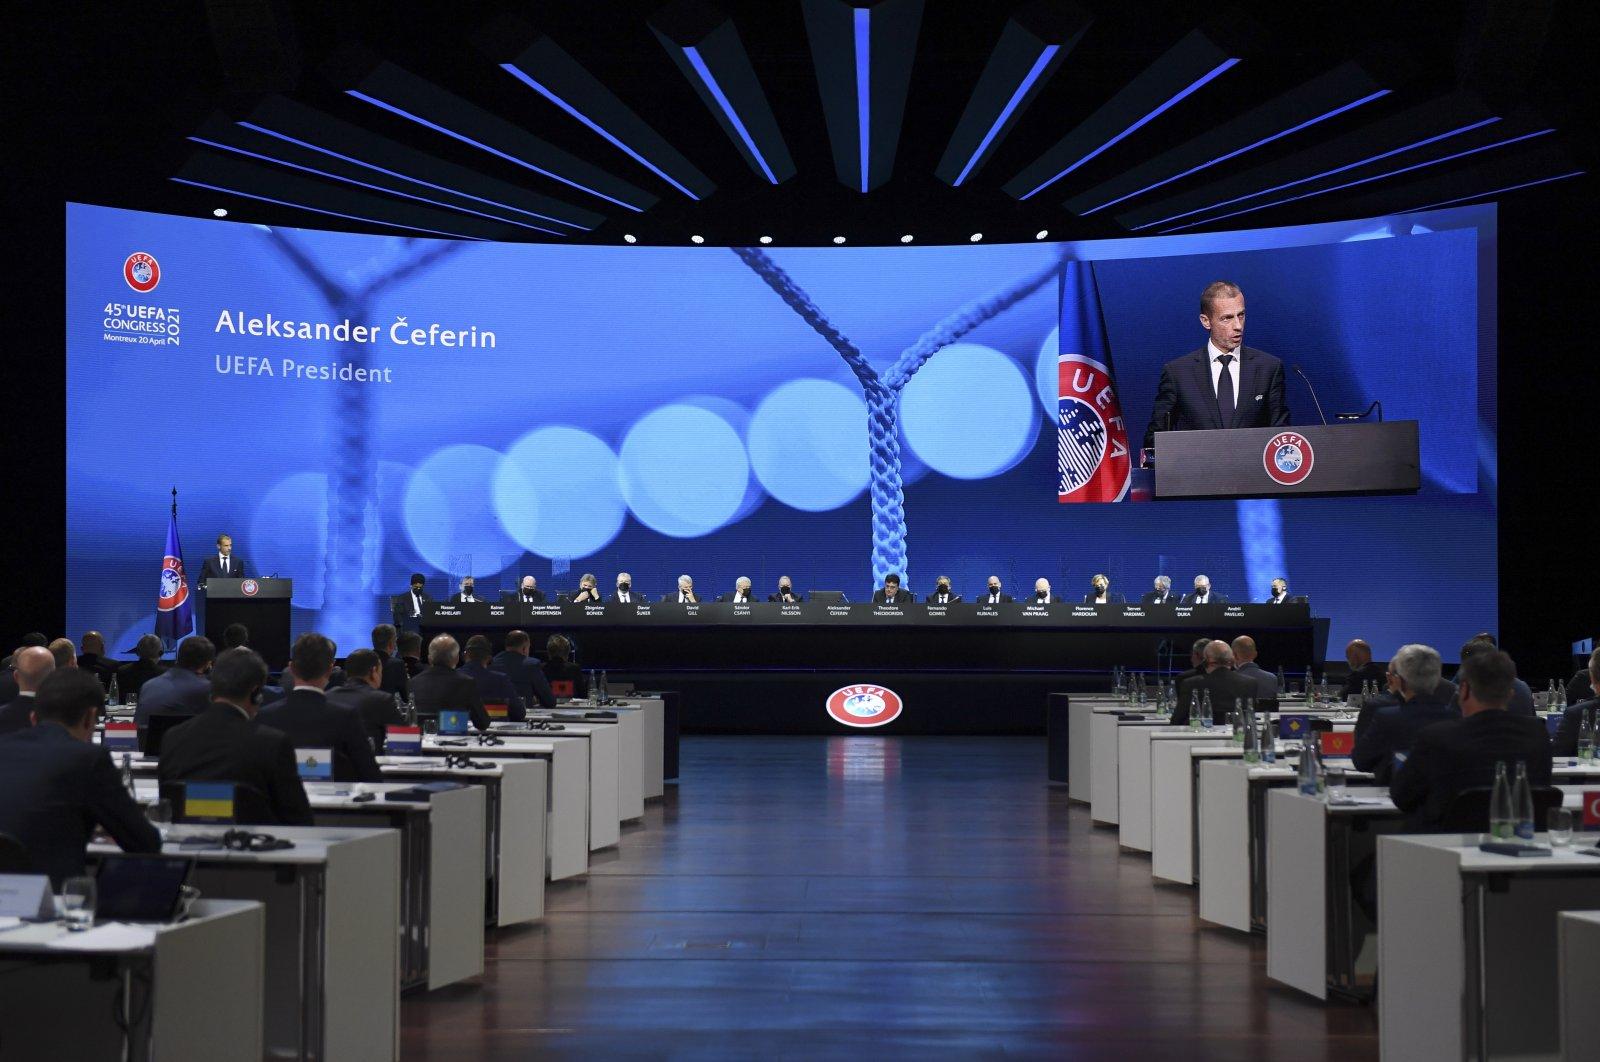 UEFA President Aleksander Ceferin speaks during the 45th UEFA Congress in Montreux, Switzerland, April 20, 2021. (UEFA via AP)